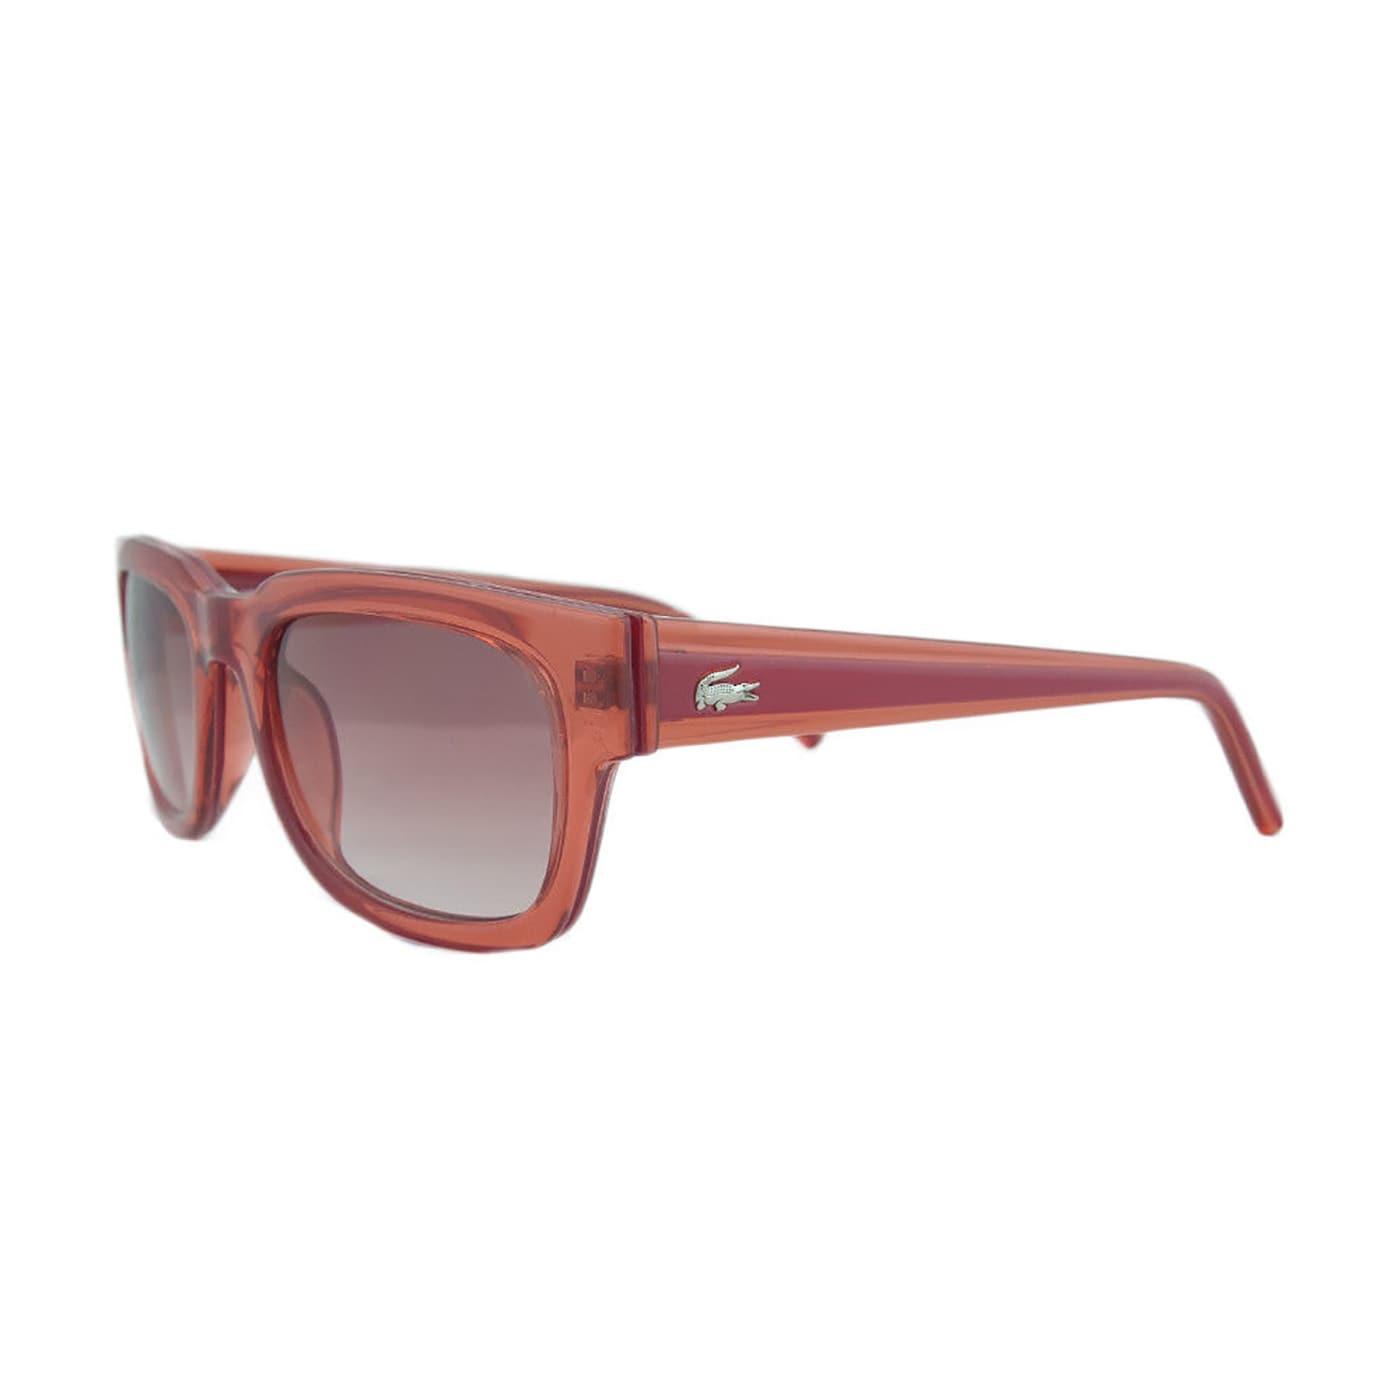 6e02e5a94ca9 Lacoste Sunglasses